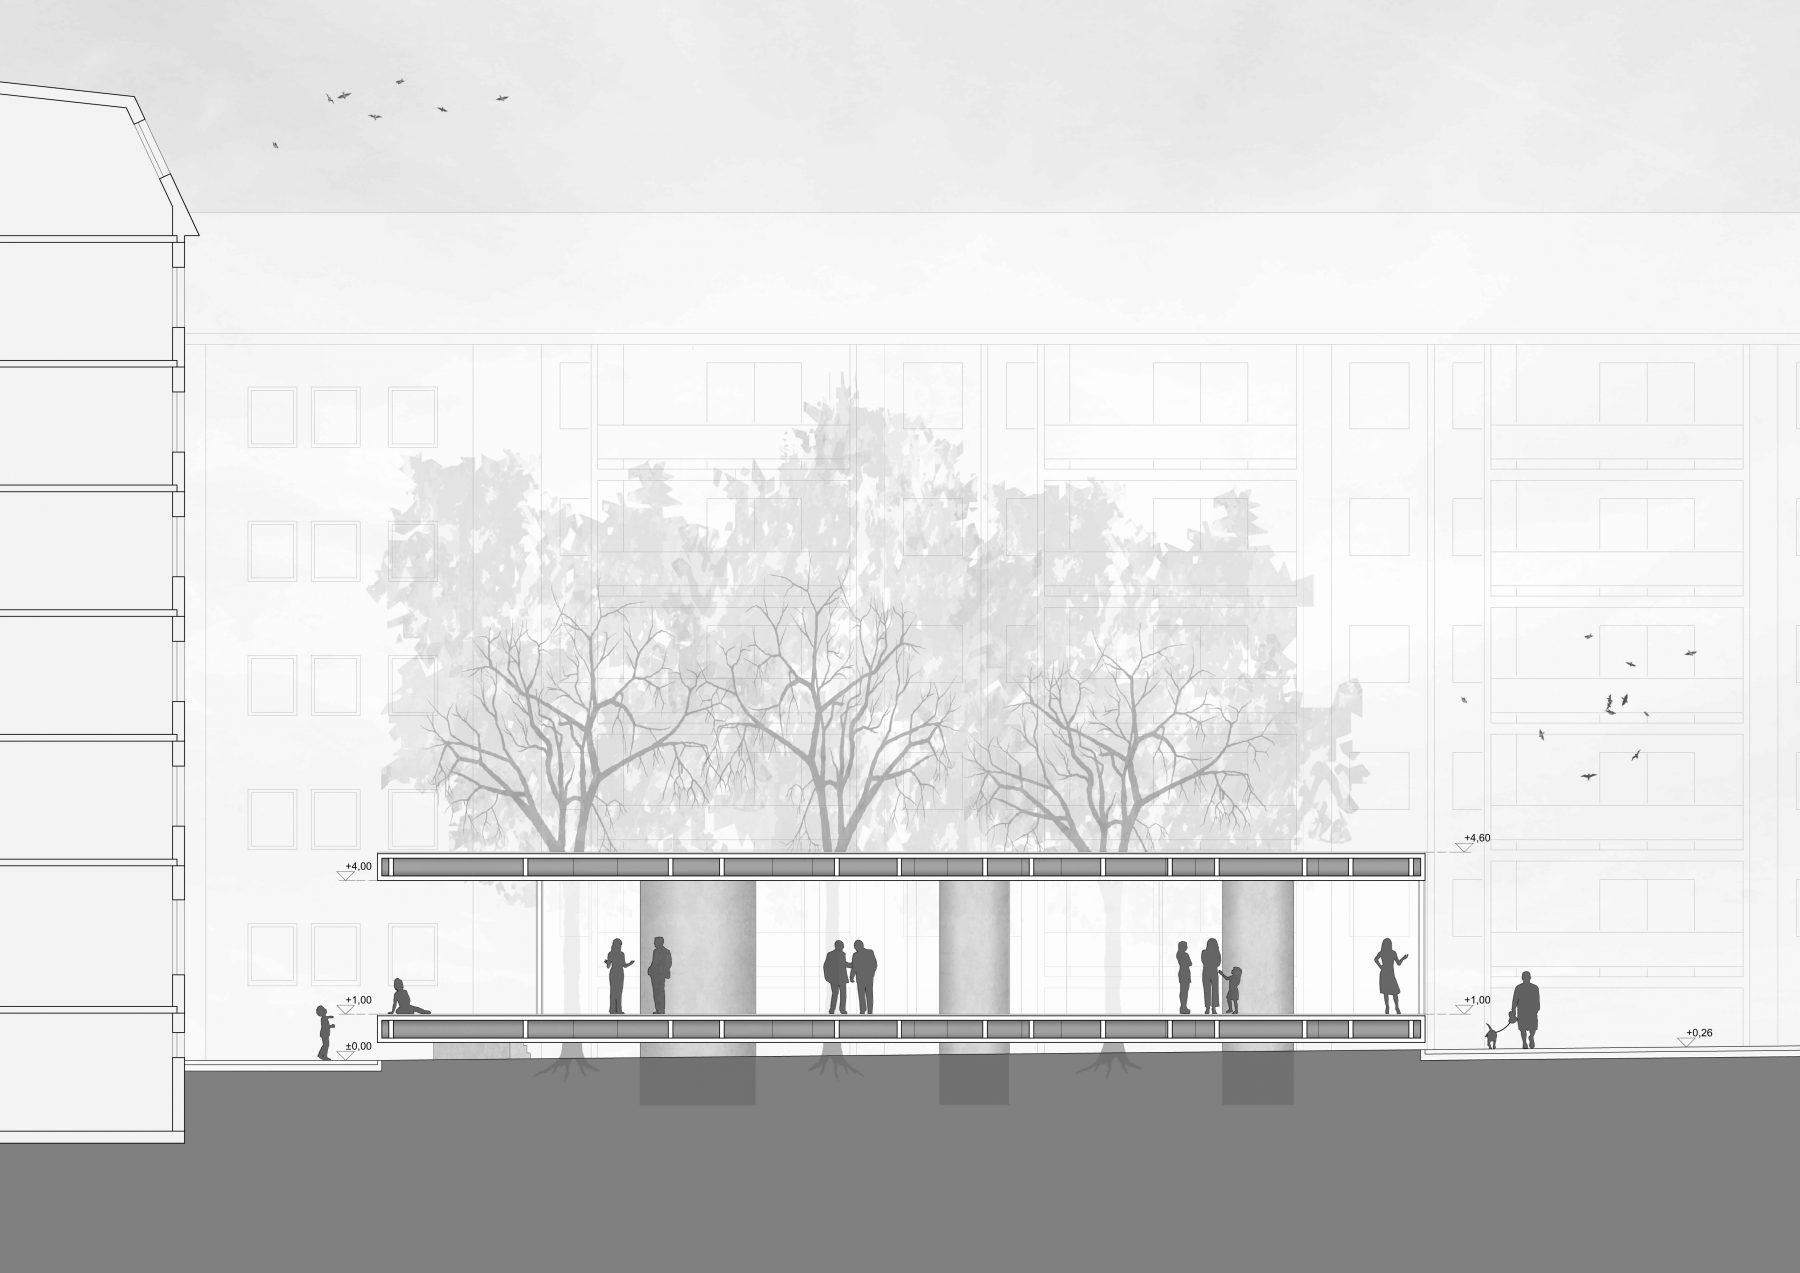 Pavillon am rosa luxemburg platz bundschuh architekten - Architekten luxemburg ...